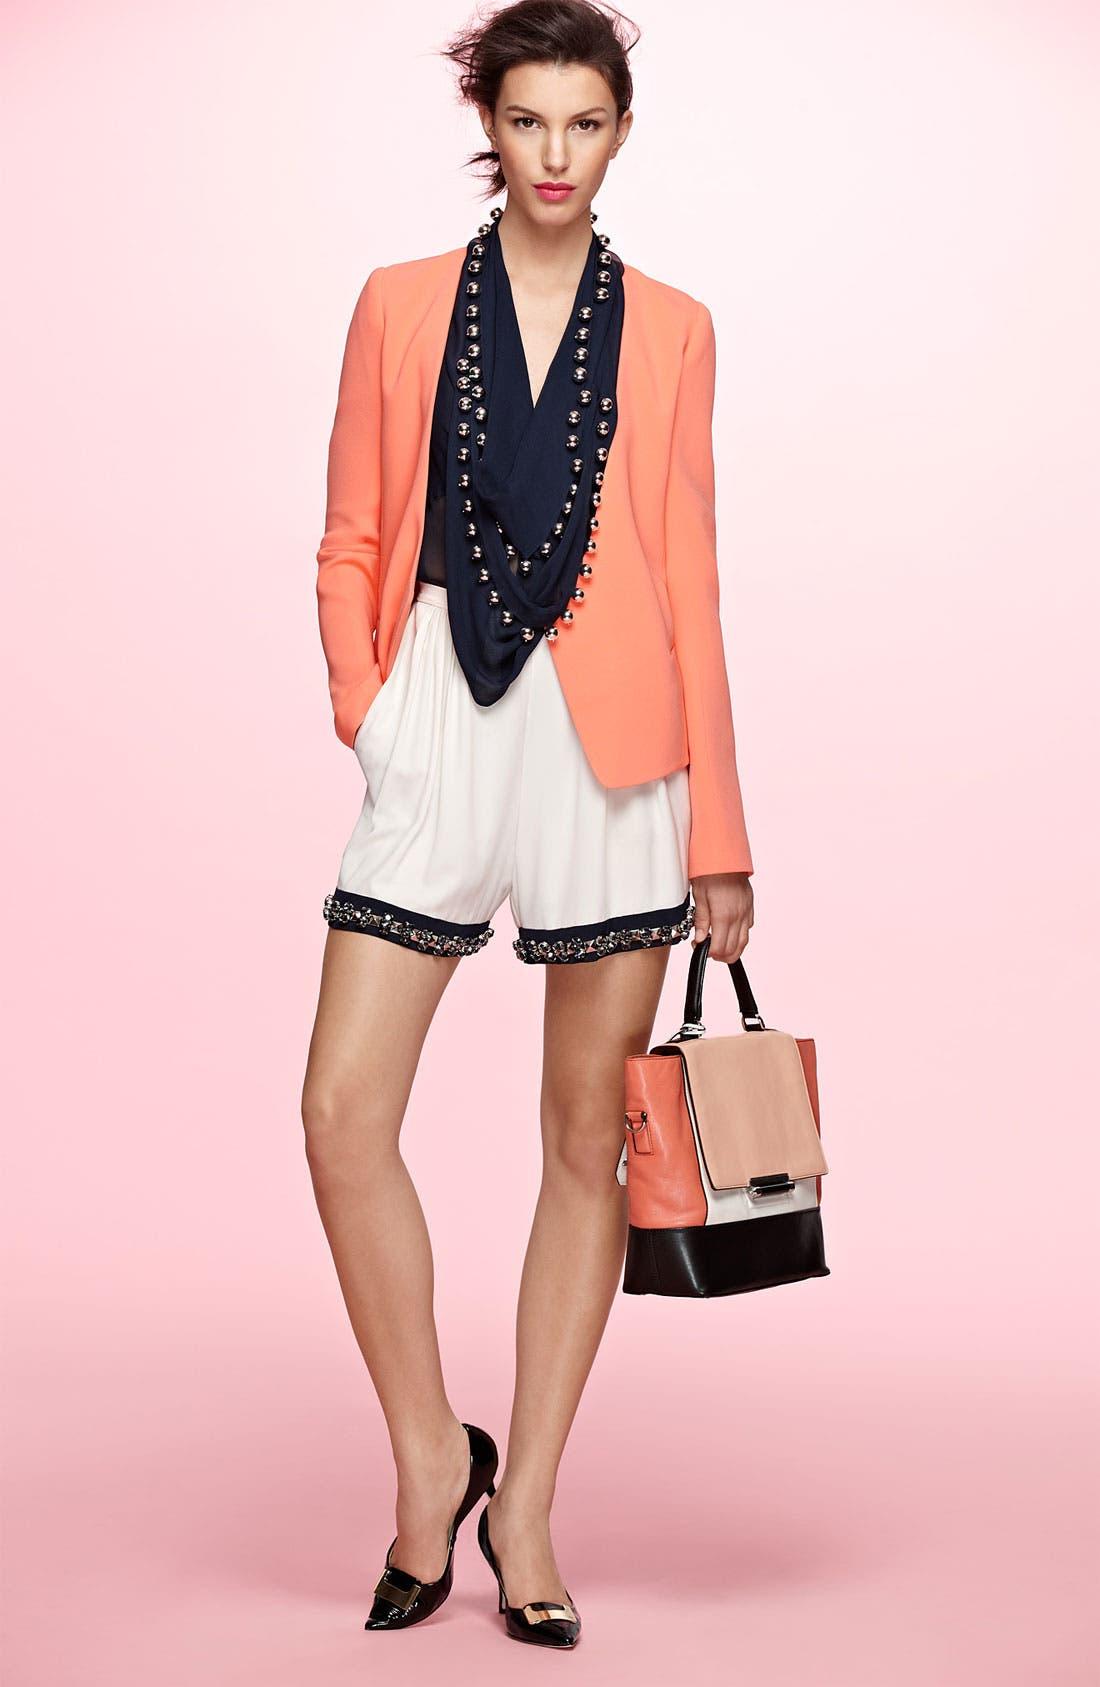 Main Image - Diane von Furstenberg Jacket, Top & Shorts